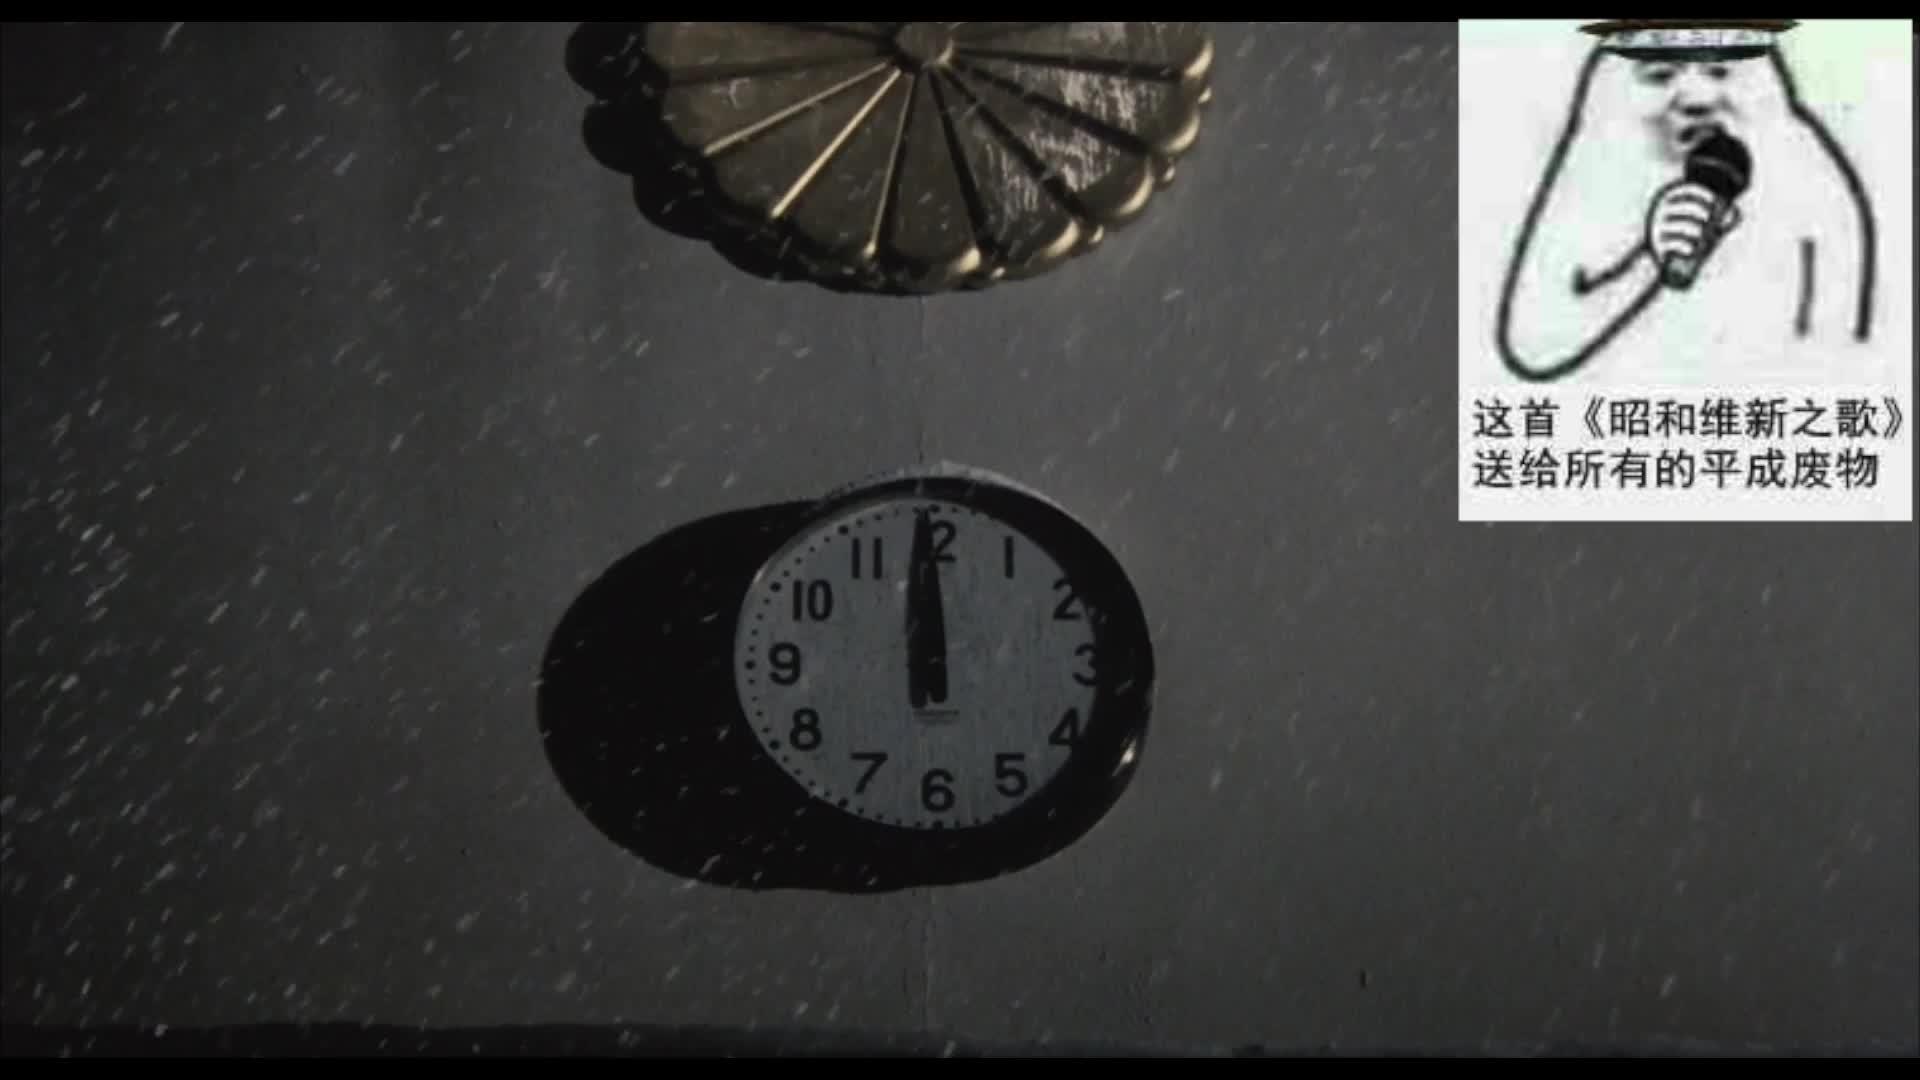 《二二六》: 那一夜东京漫天的大雪 气氛突然昭和了起来